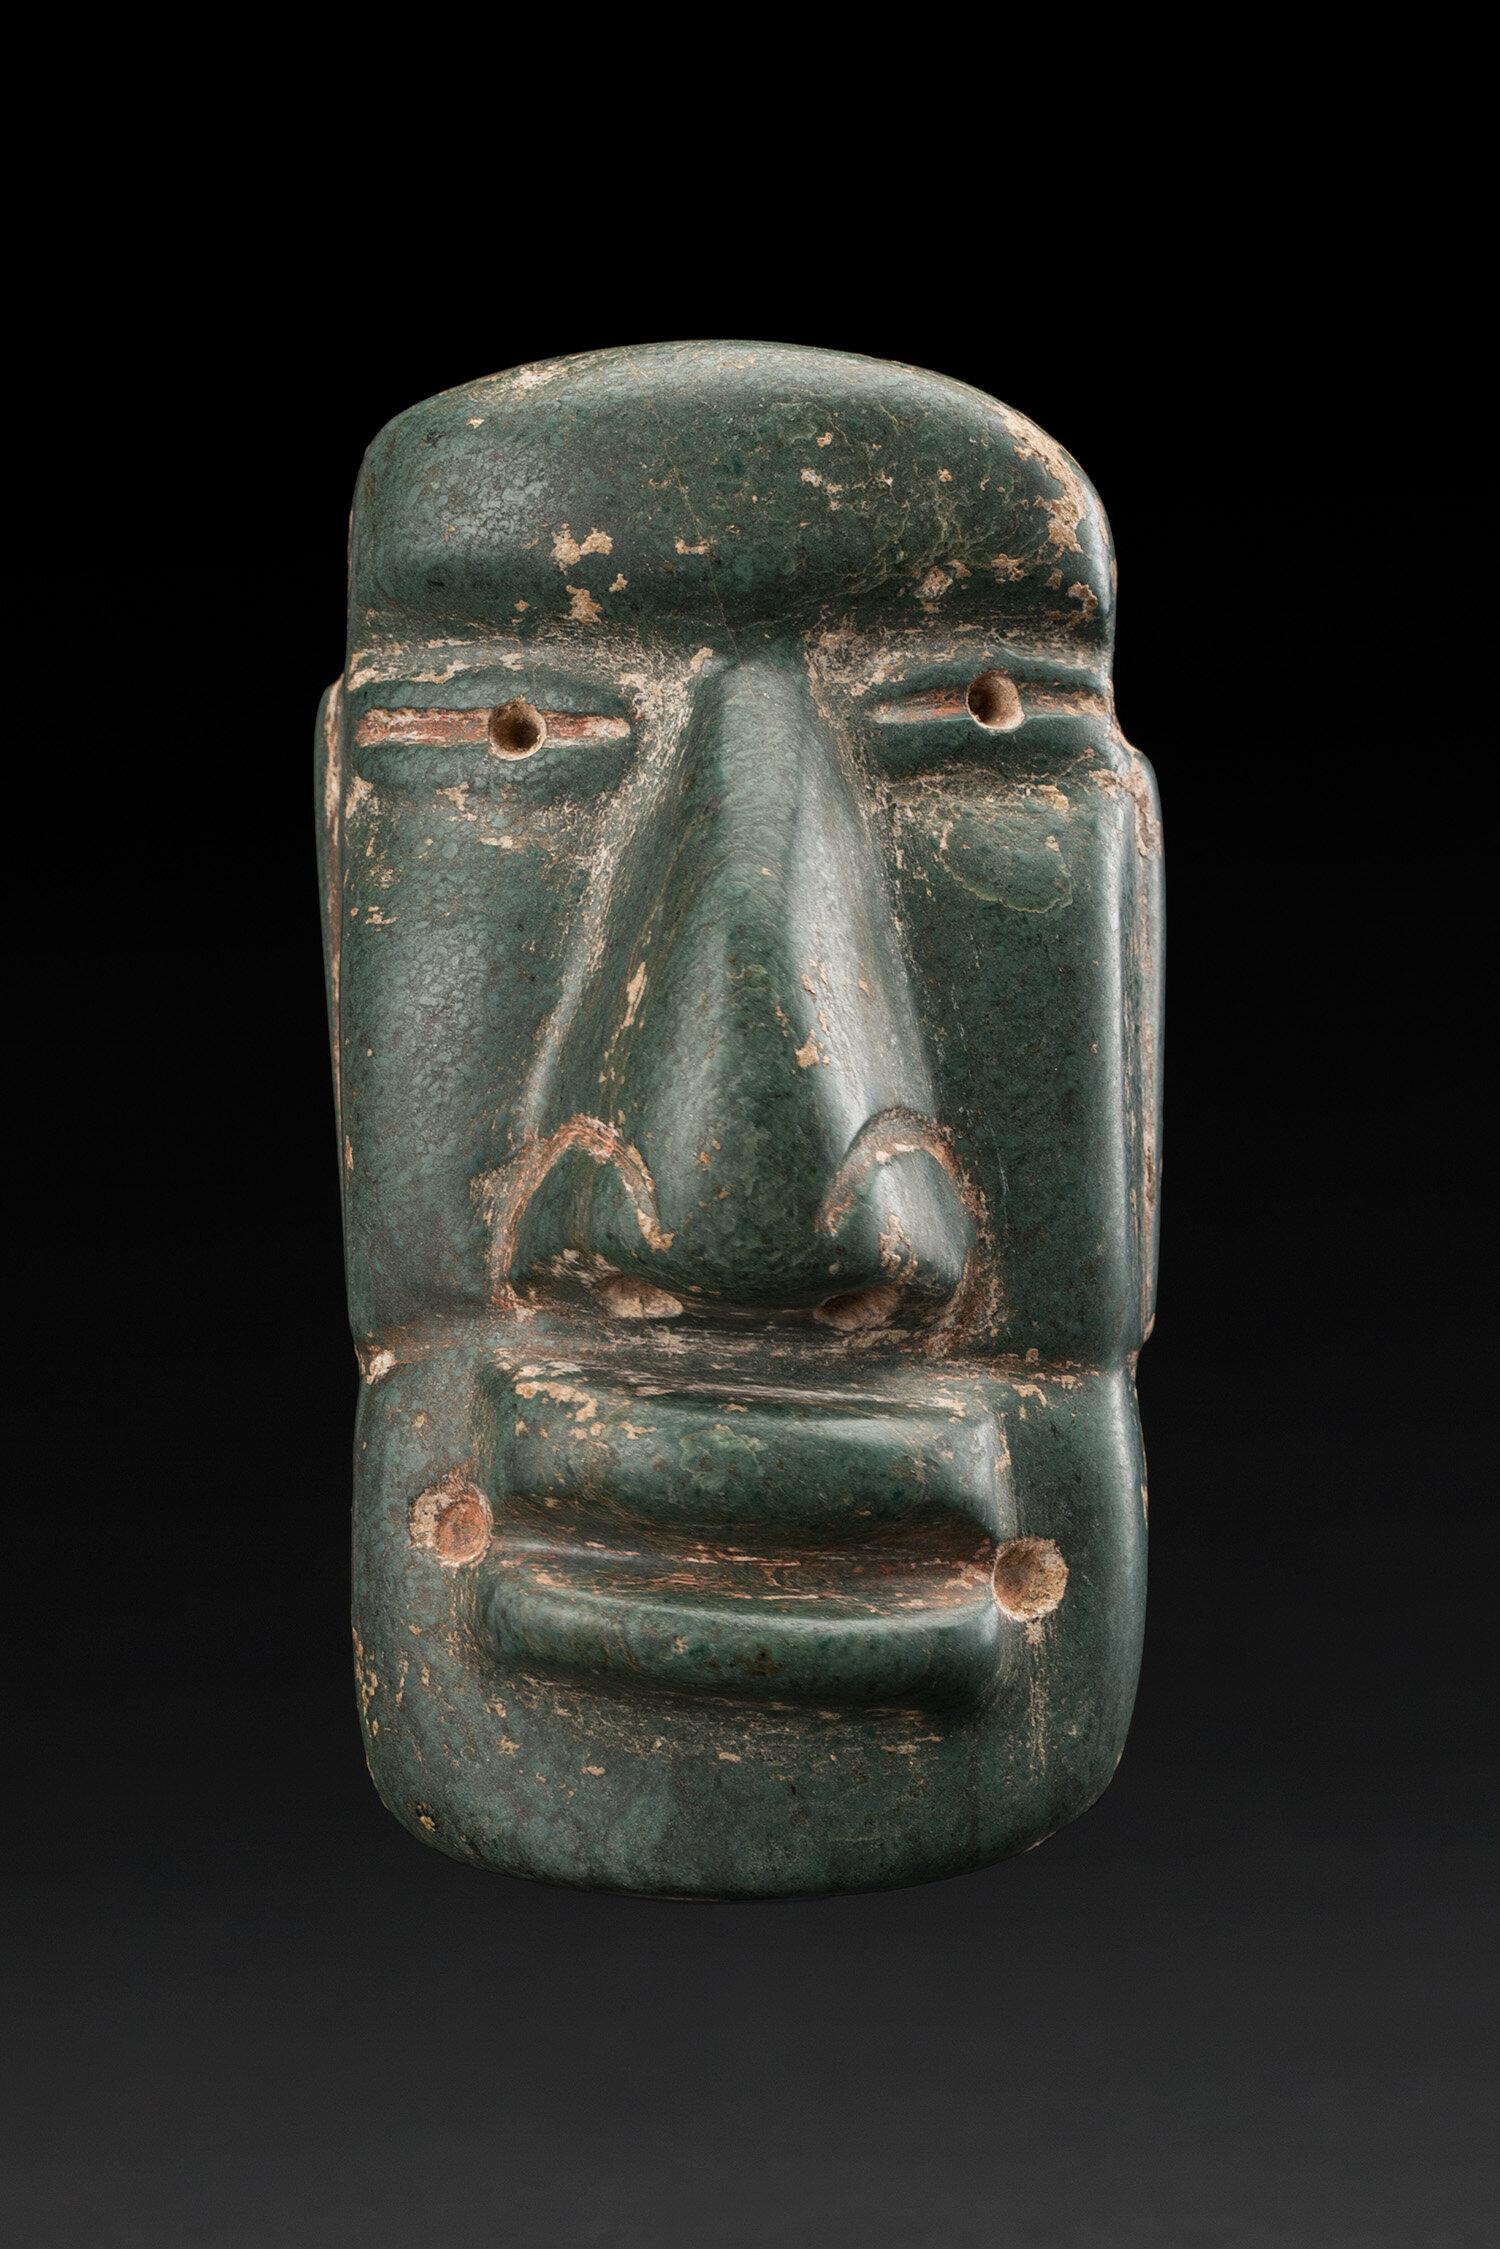 Masks  Proto-Maya  , ca. 300 BCE Serpentine 4 x 2.25 x 1.25 inches 10.2 x 5.7 x 3.2 cm M 410